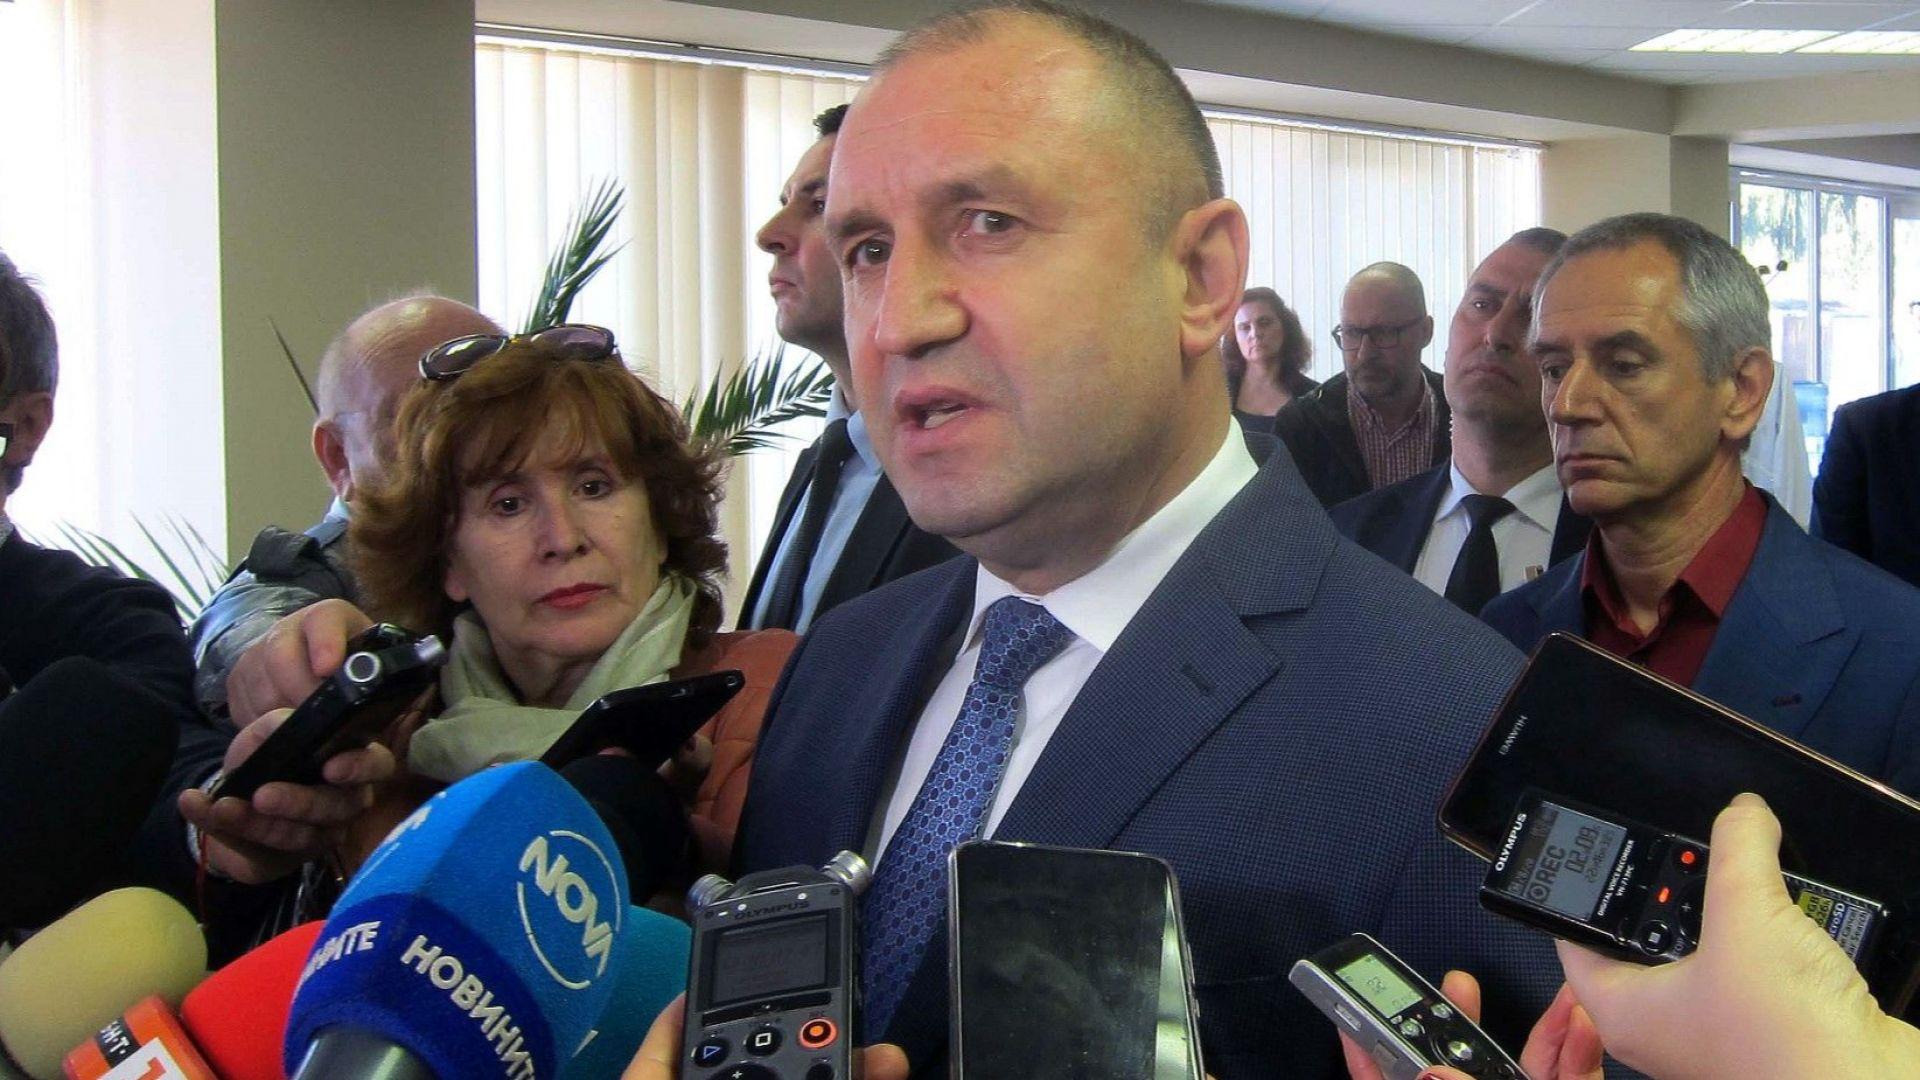 Румен Радев: Печеленето на избори не трябва да става с компромати